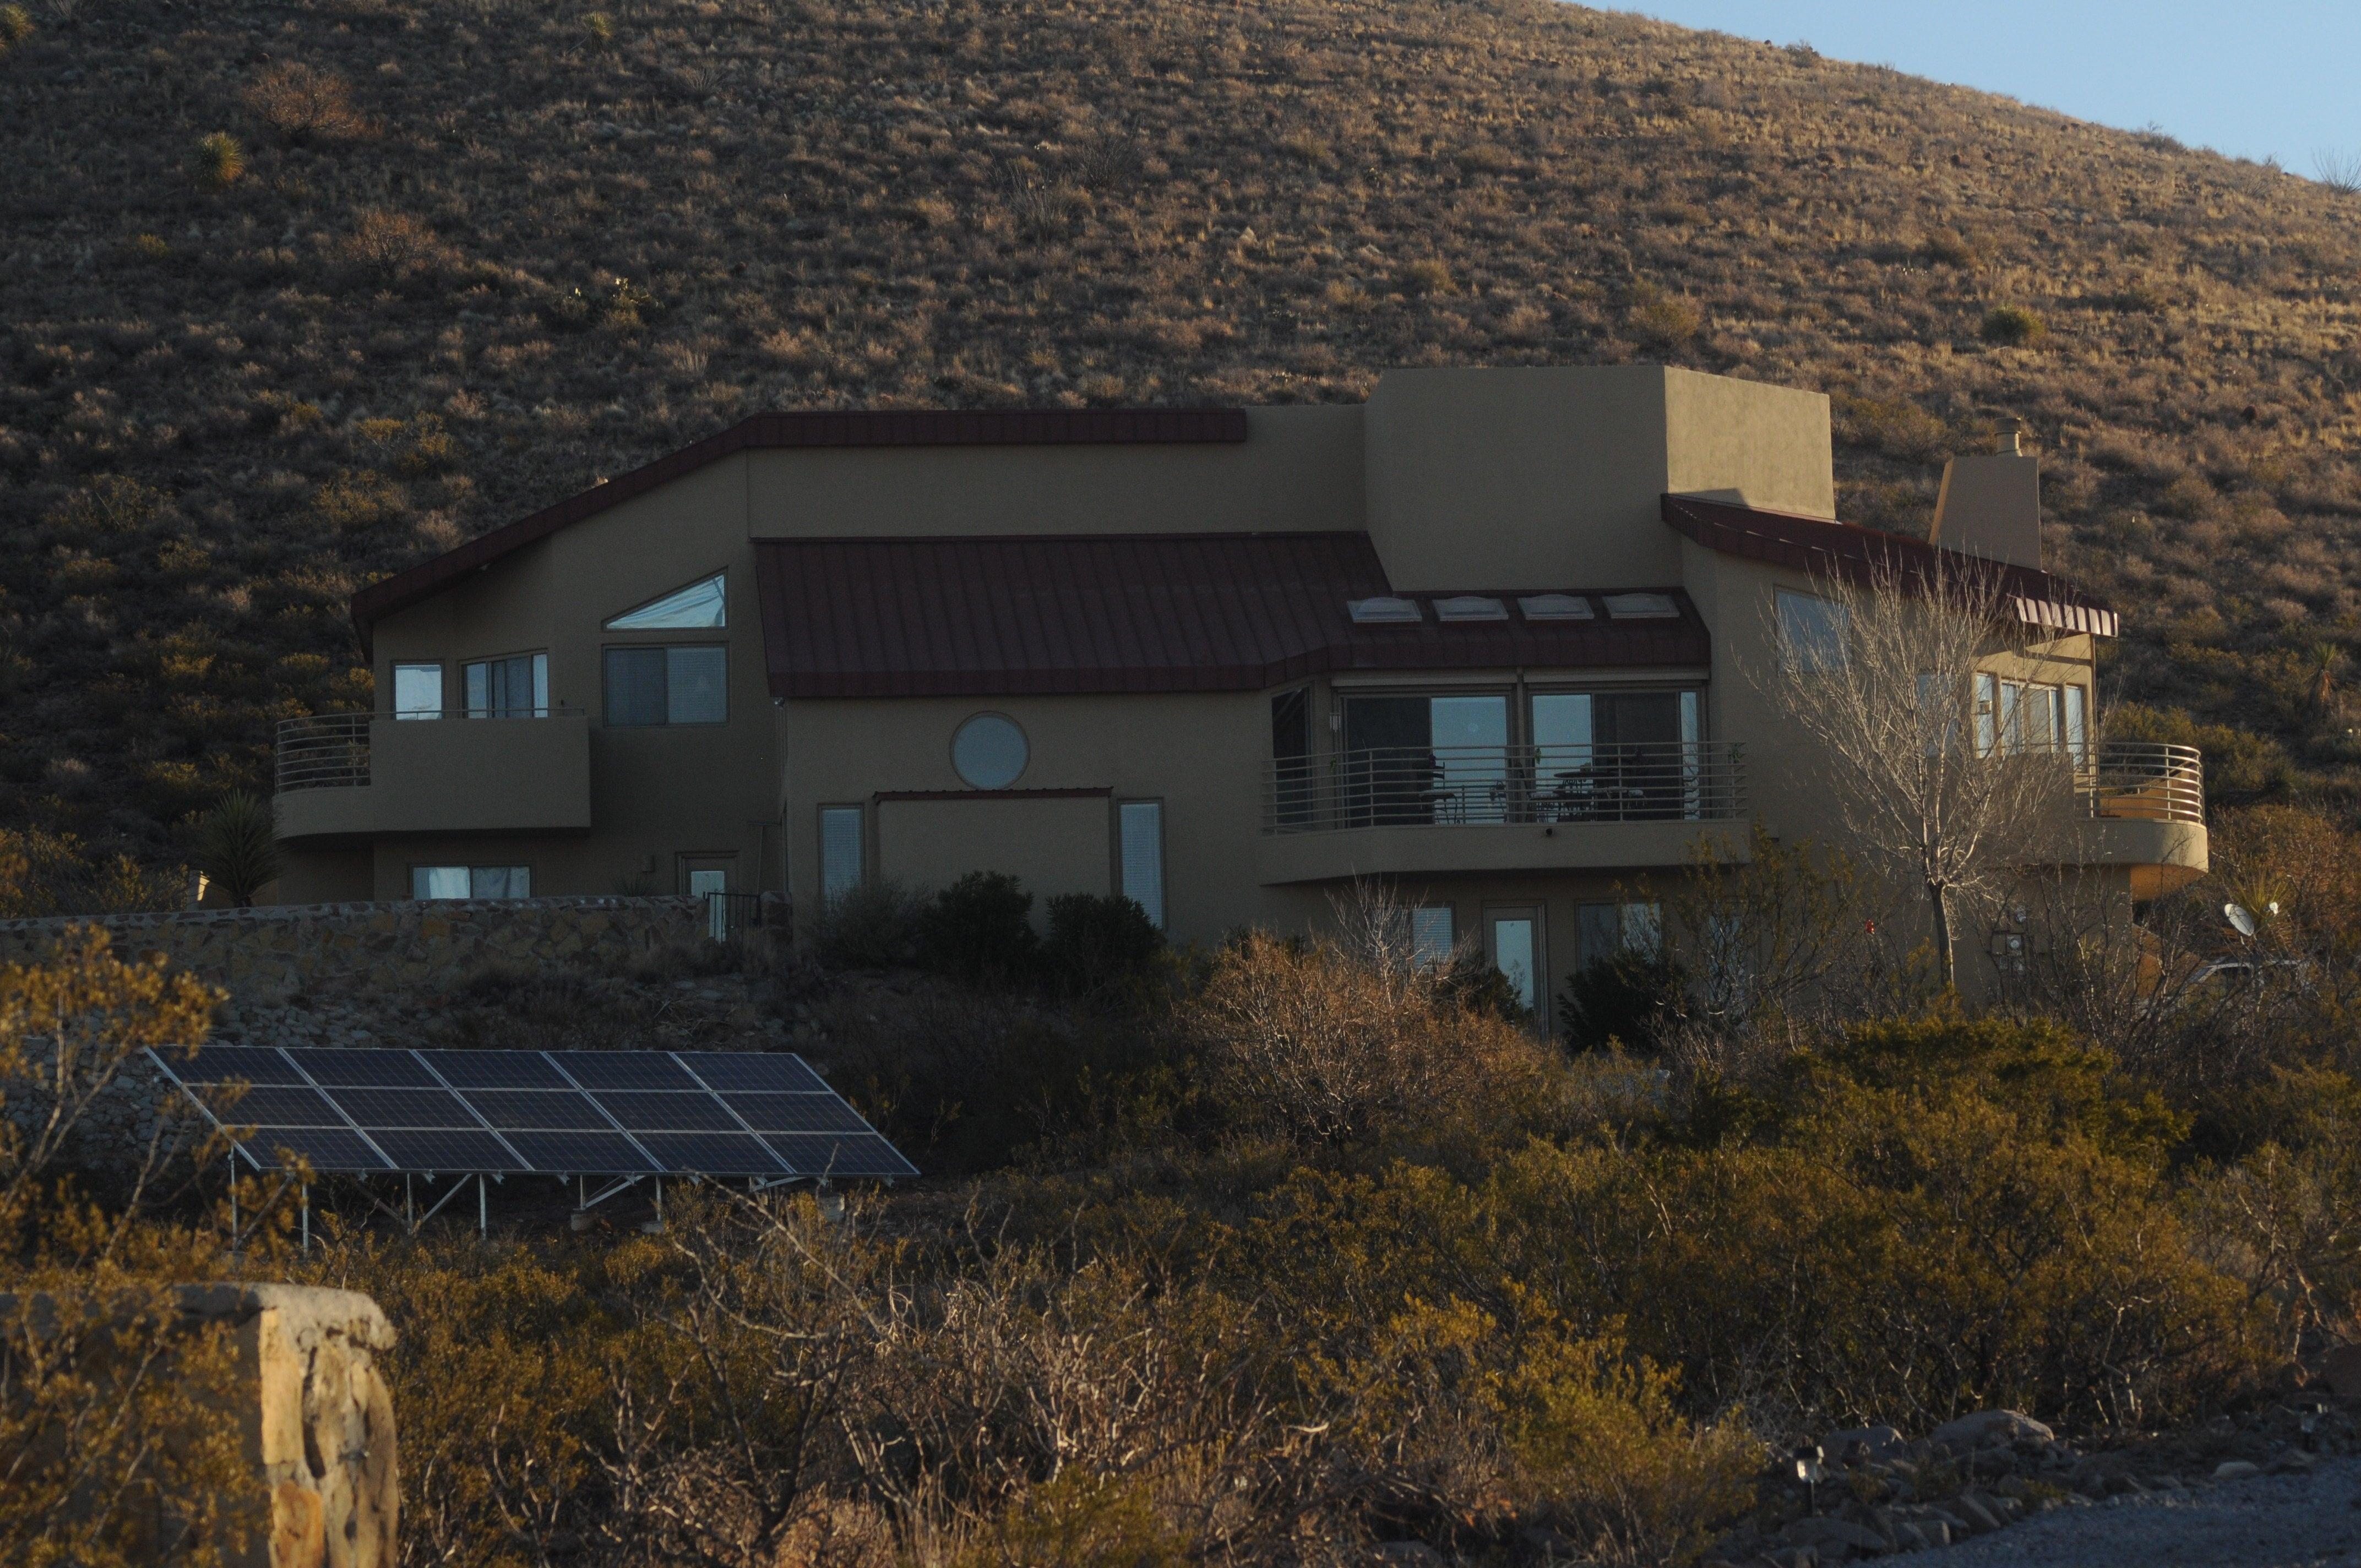 A Sunspot Solar ground mount solar PV system.